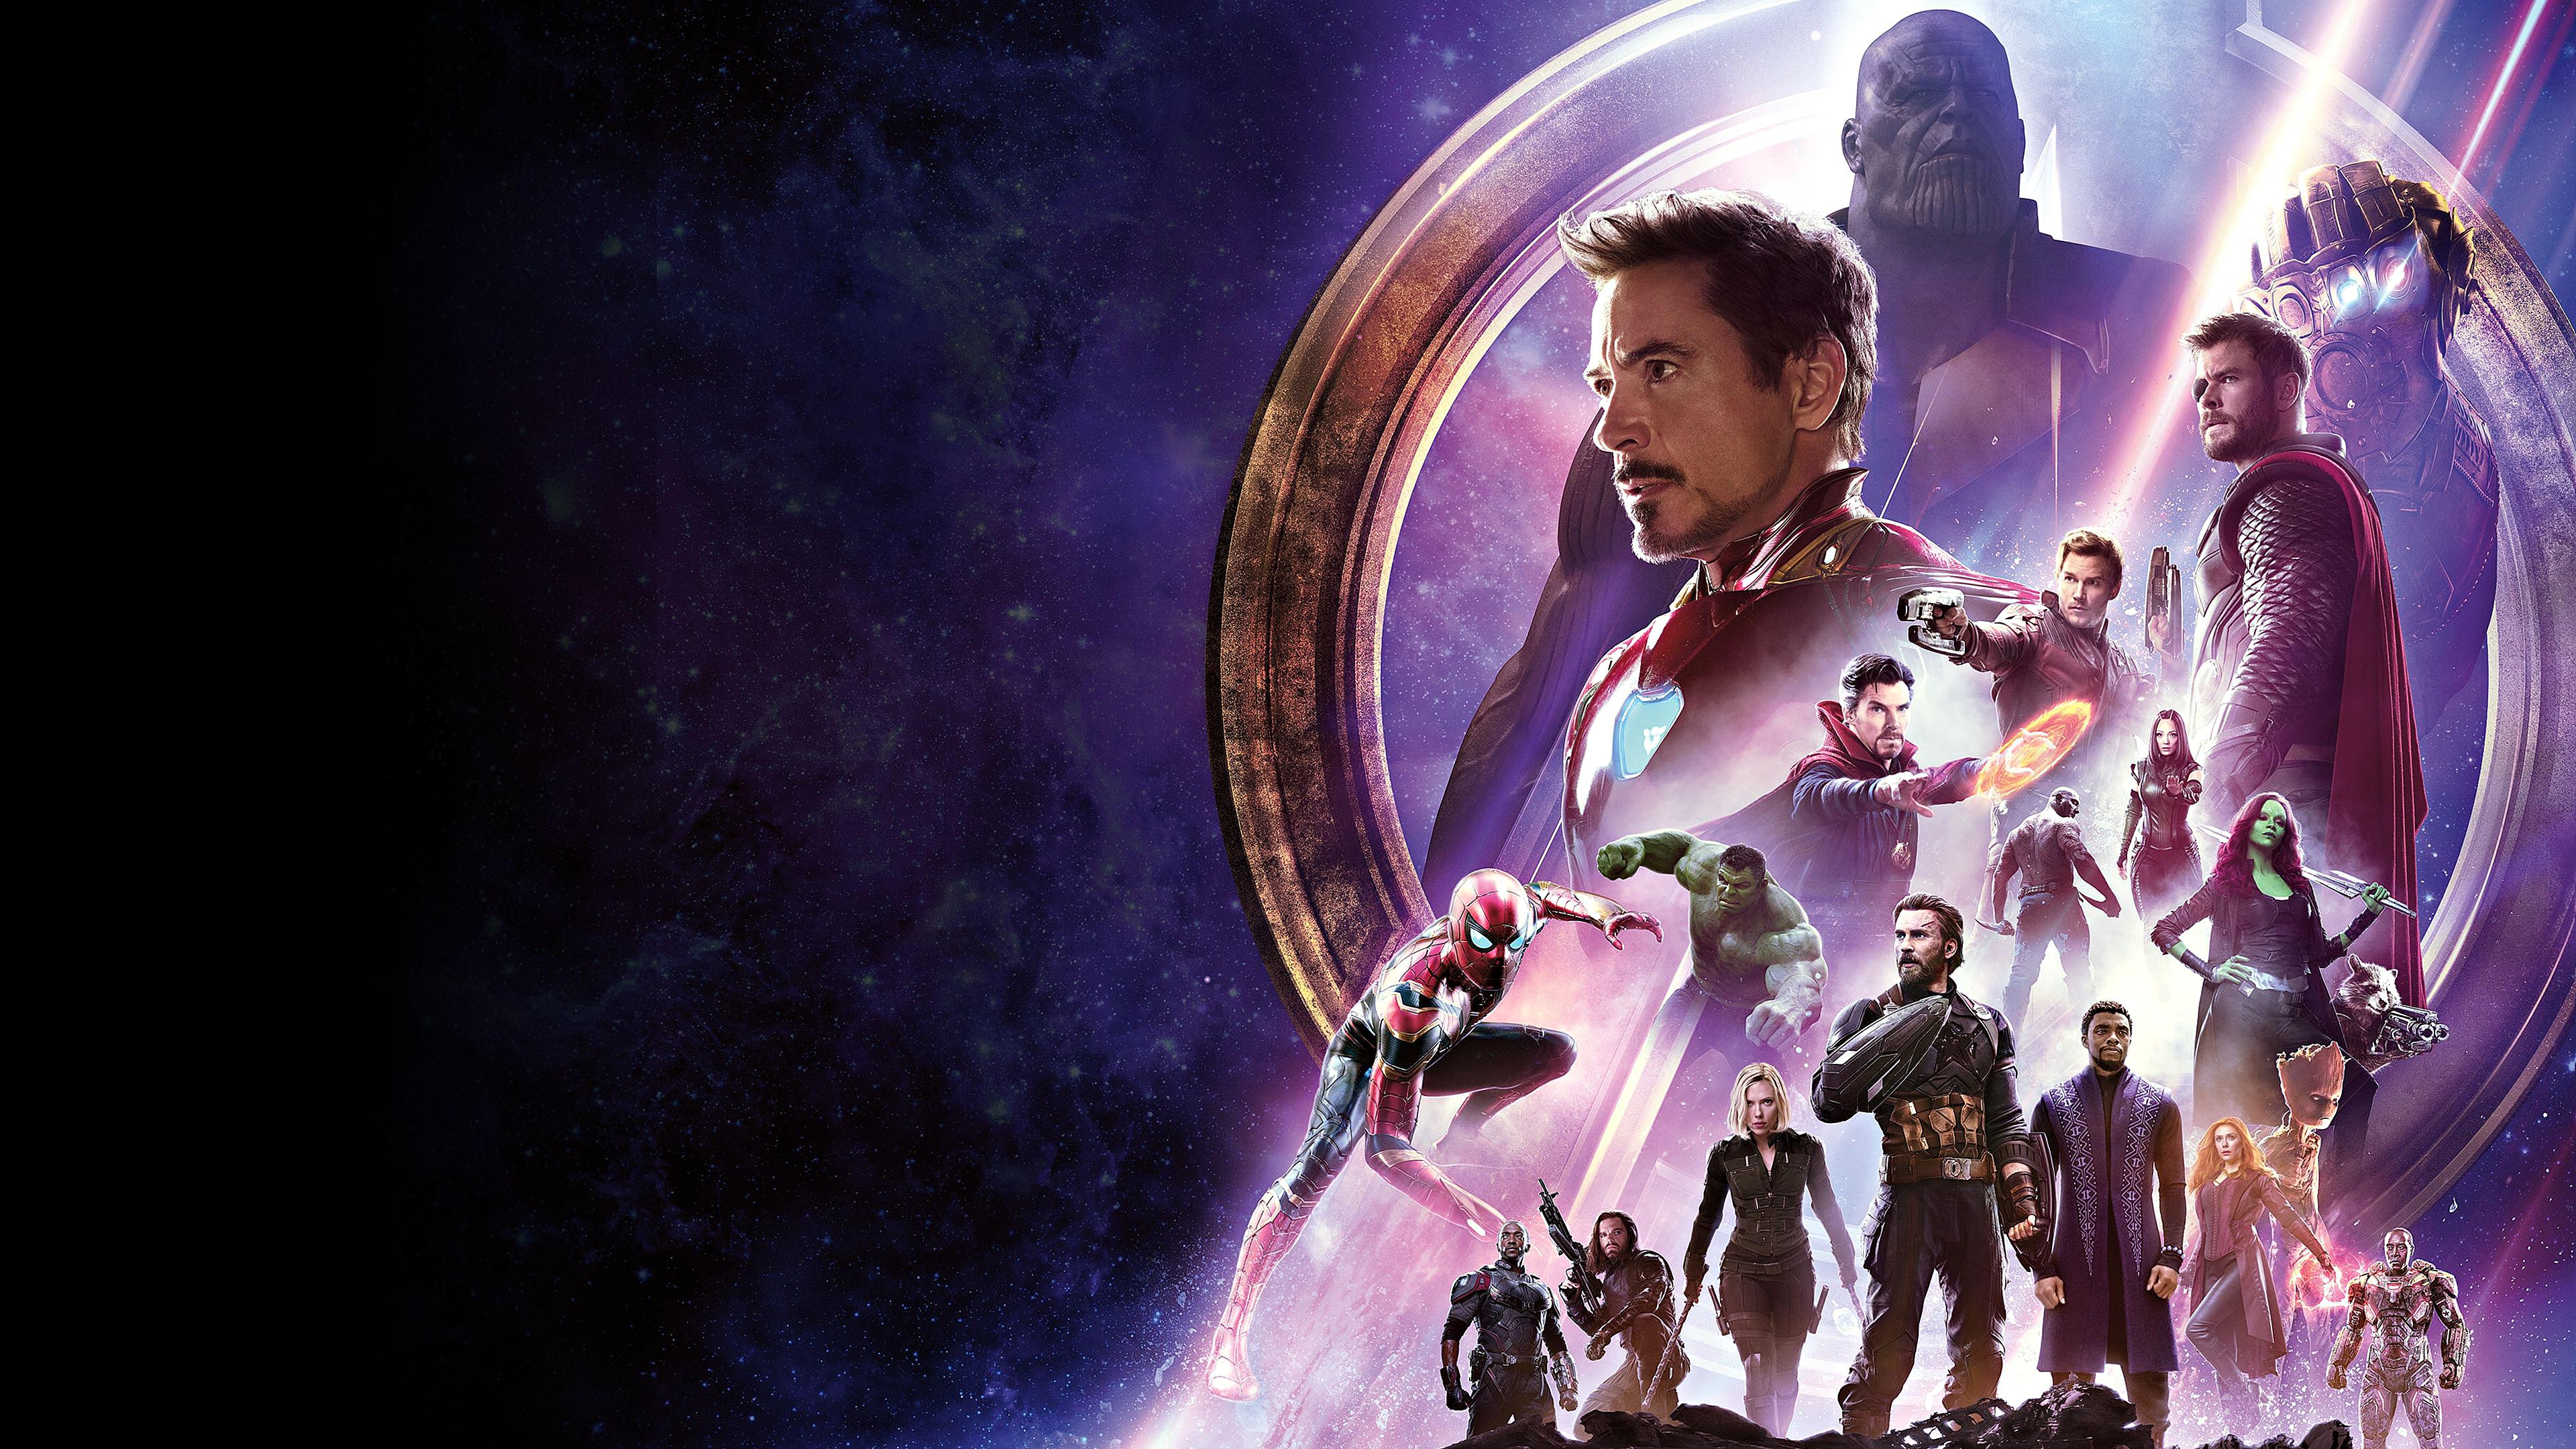 avengers infinity war banner 1579648593 - Avengers Infinity War Banner - Infinity War 4k wallpapers, Avengers Infinity War Banner wallpapers